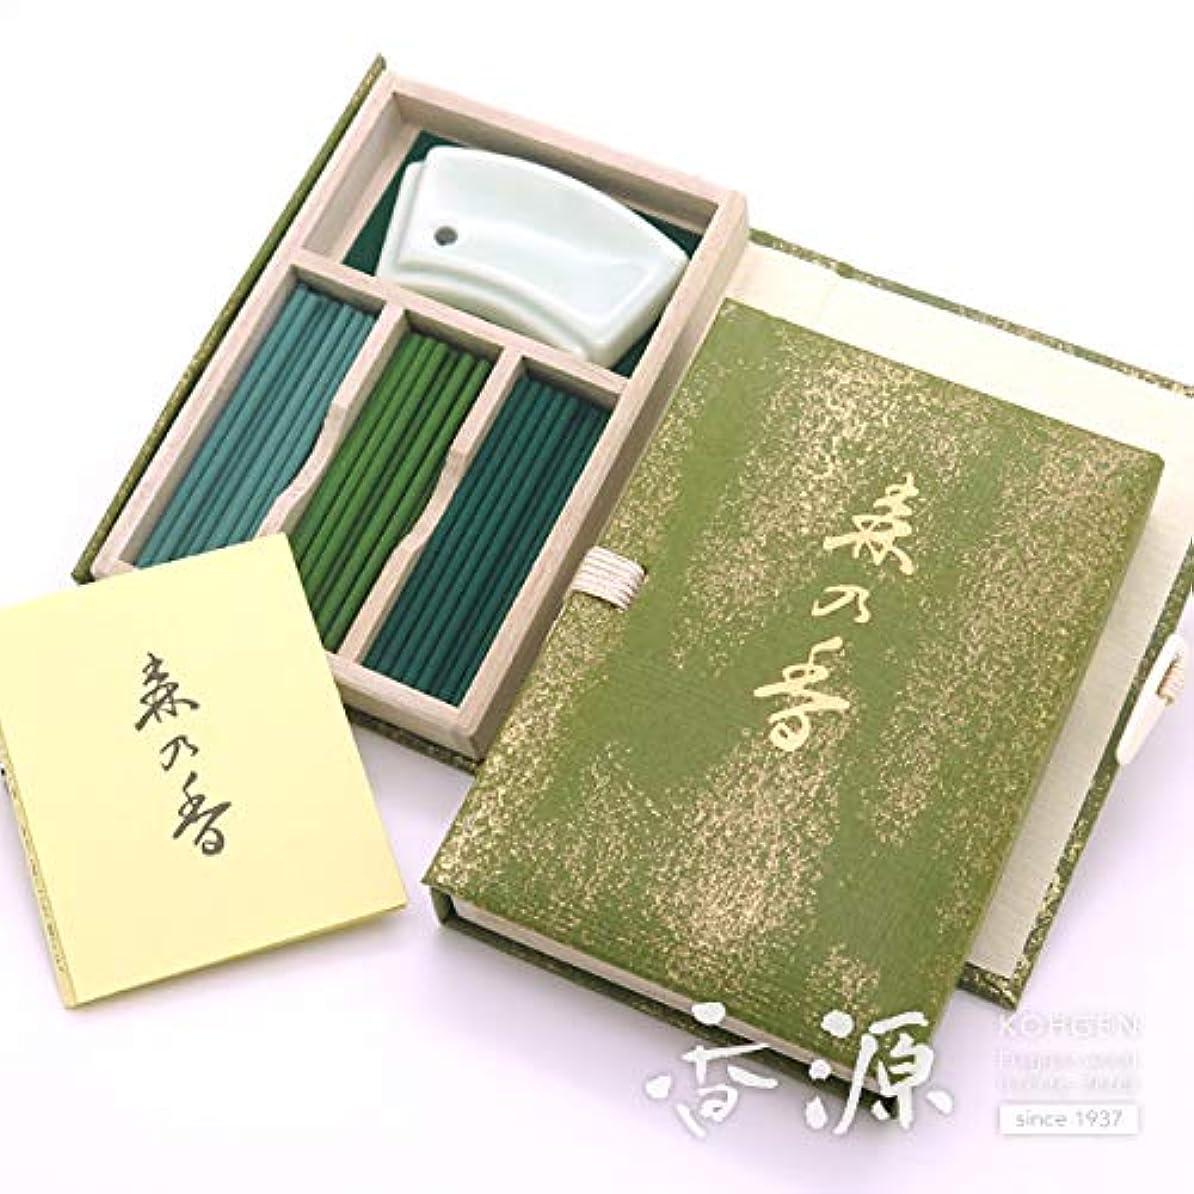 険しいバー持参日本香堂のお香 森の香 スティックミニ寸文庫型 60本入り